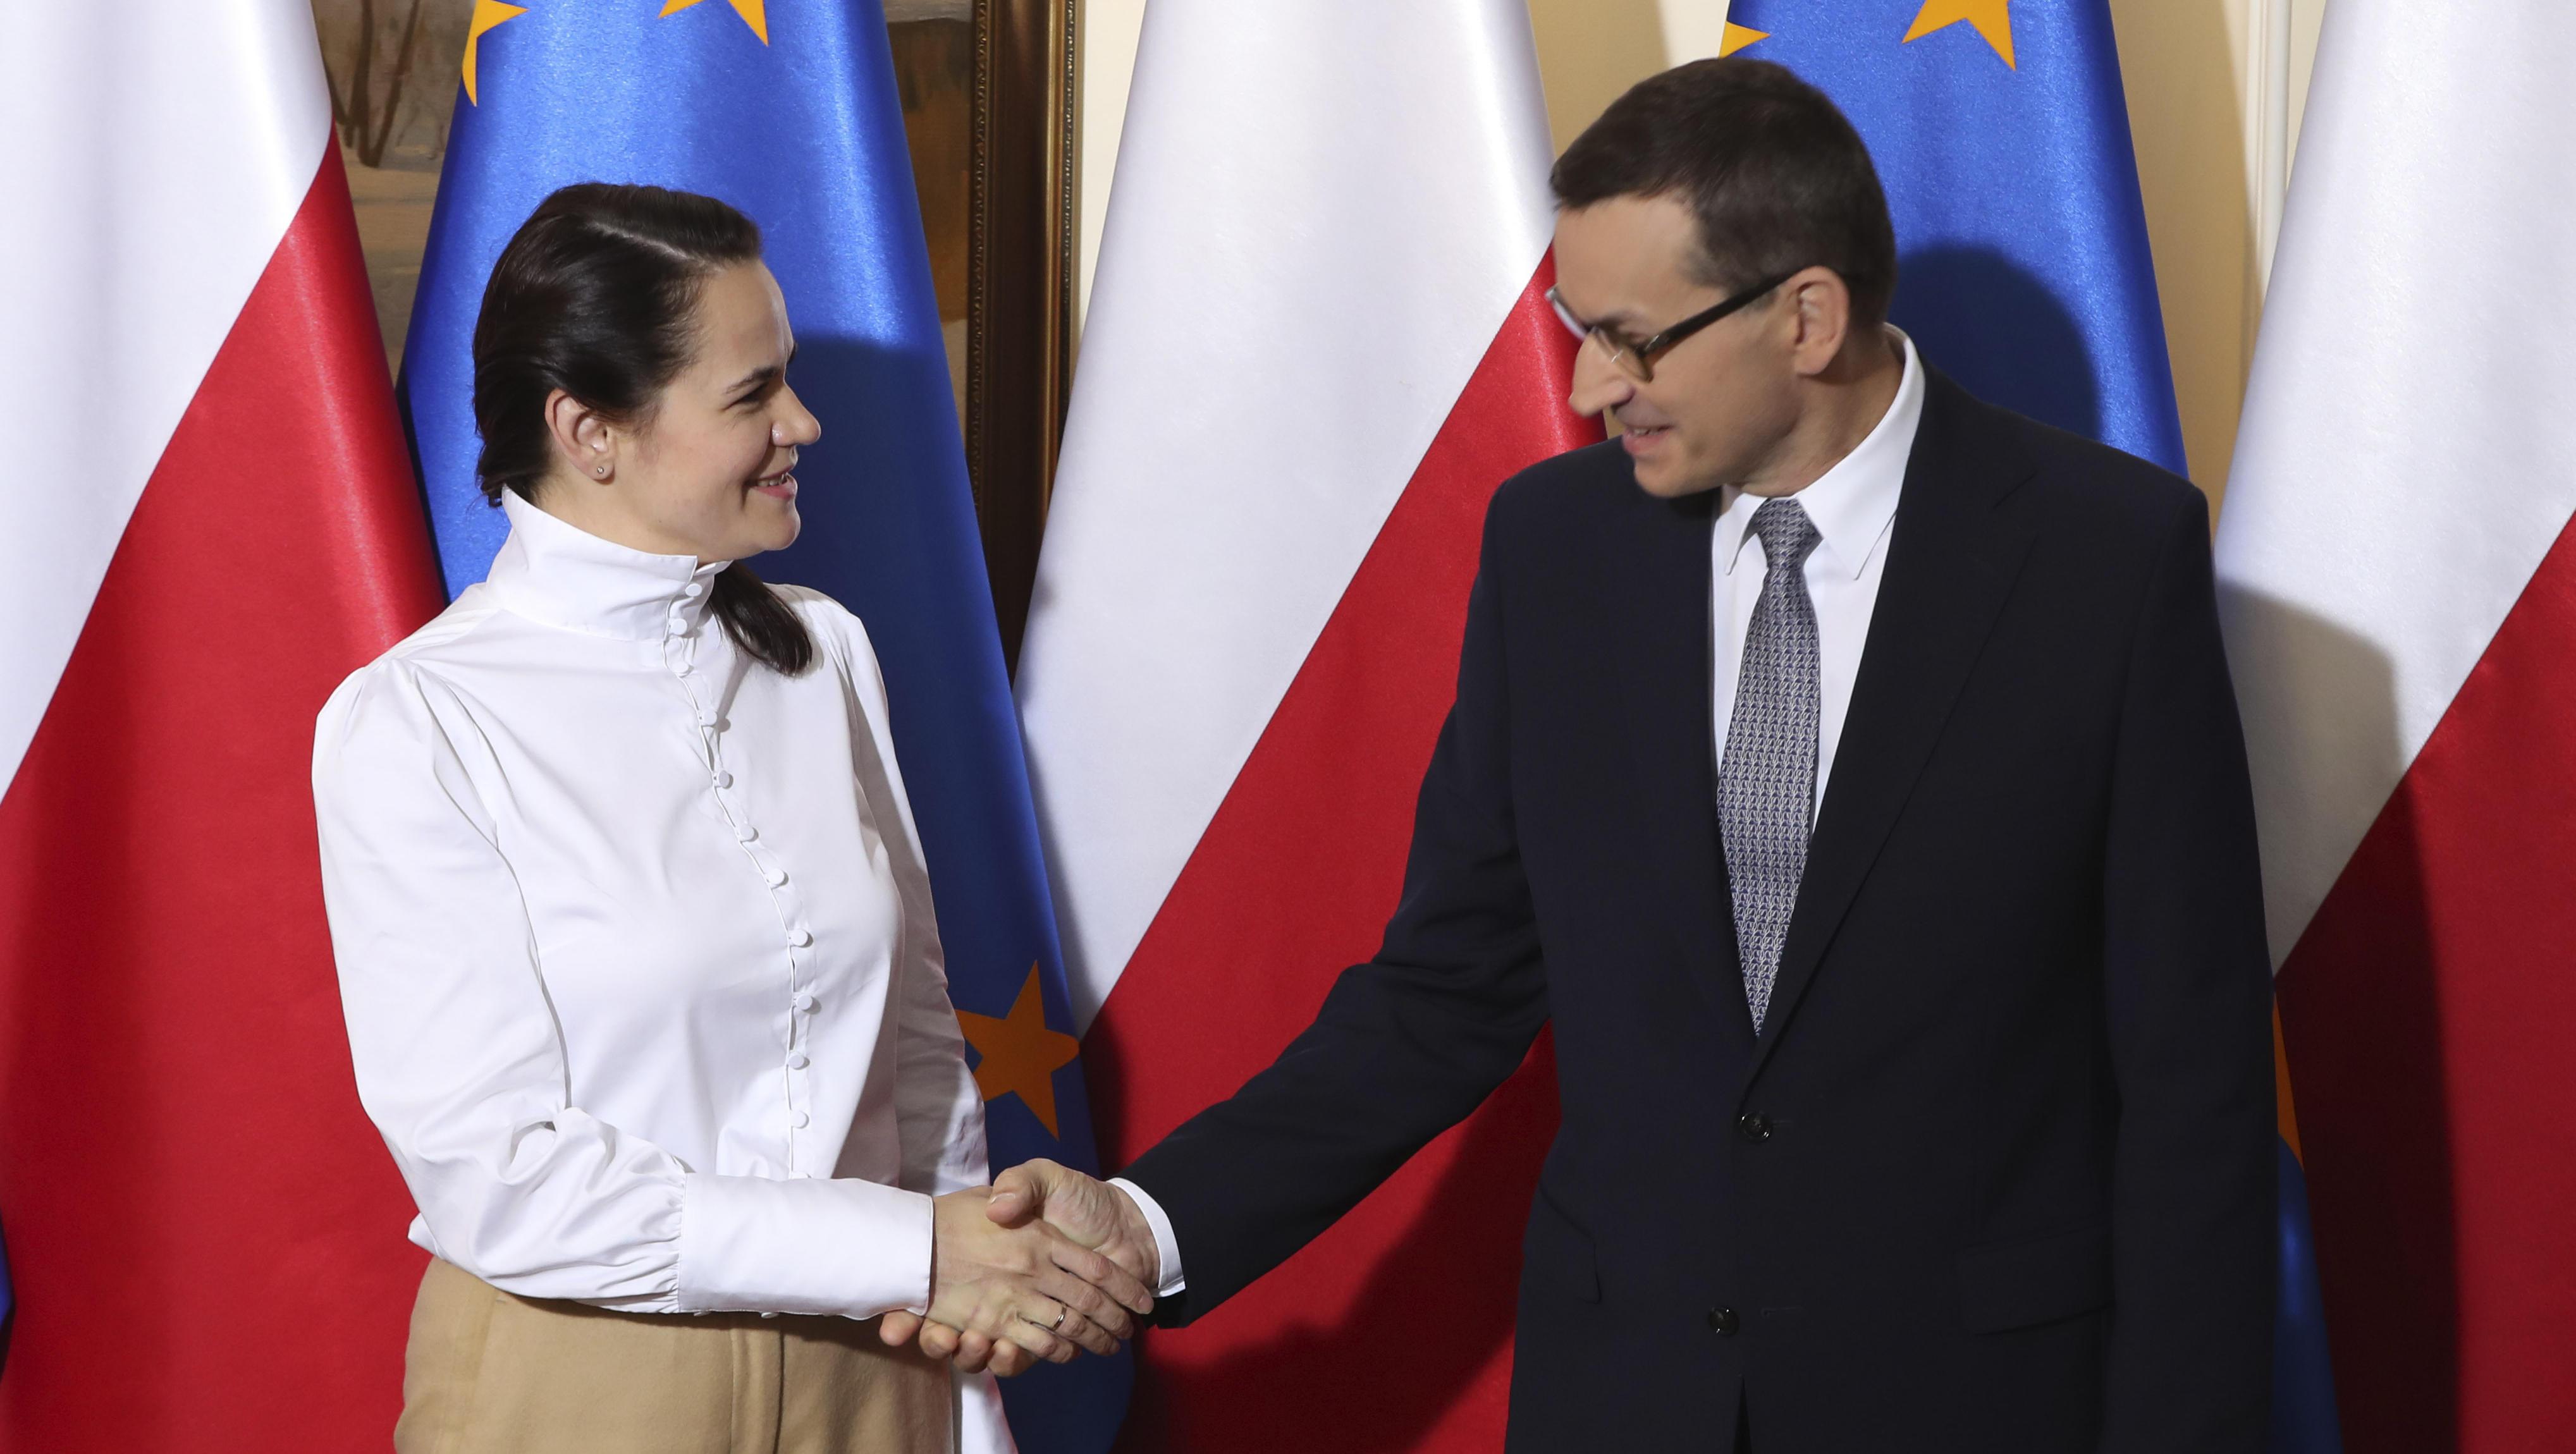 Gegen Russland: Polen fordert Stopp von Nord Stream 2